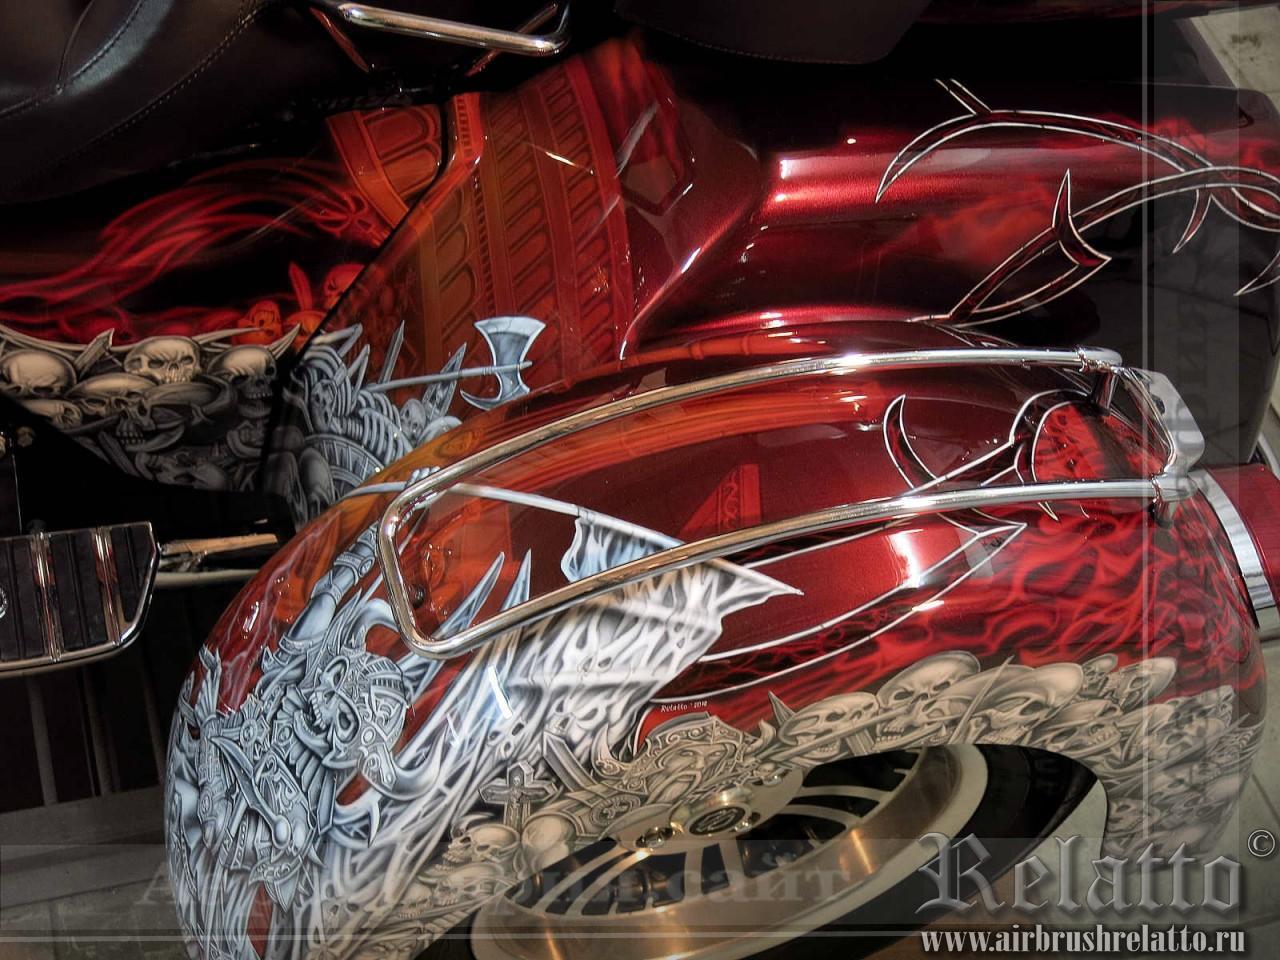 аэрография байка Harley-Davidson Tri Glide Ultra Classic Белгород